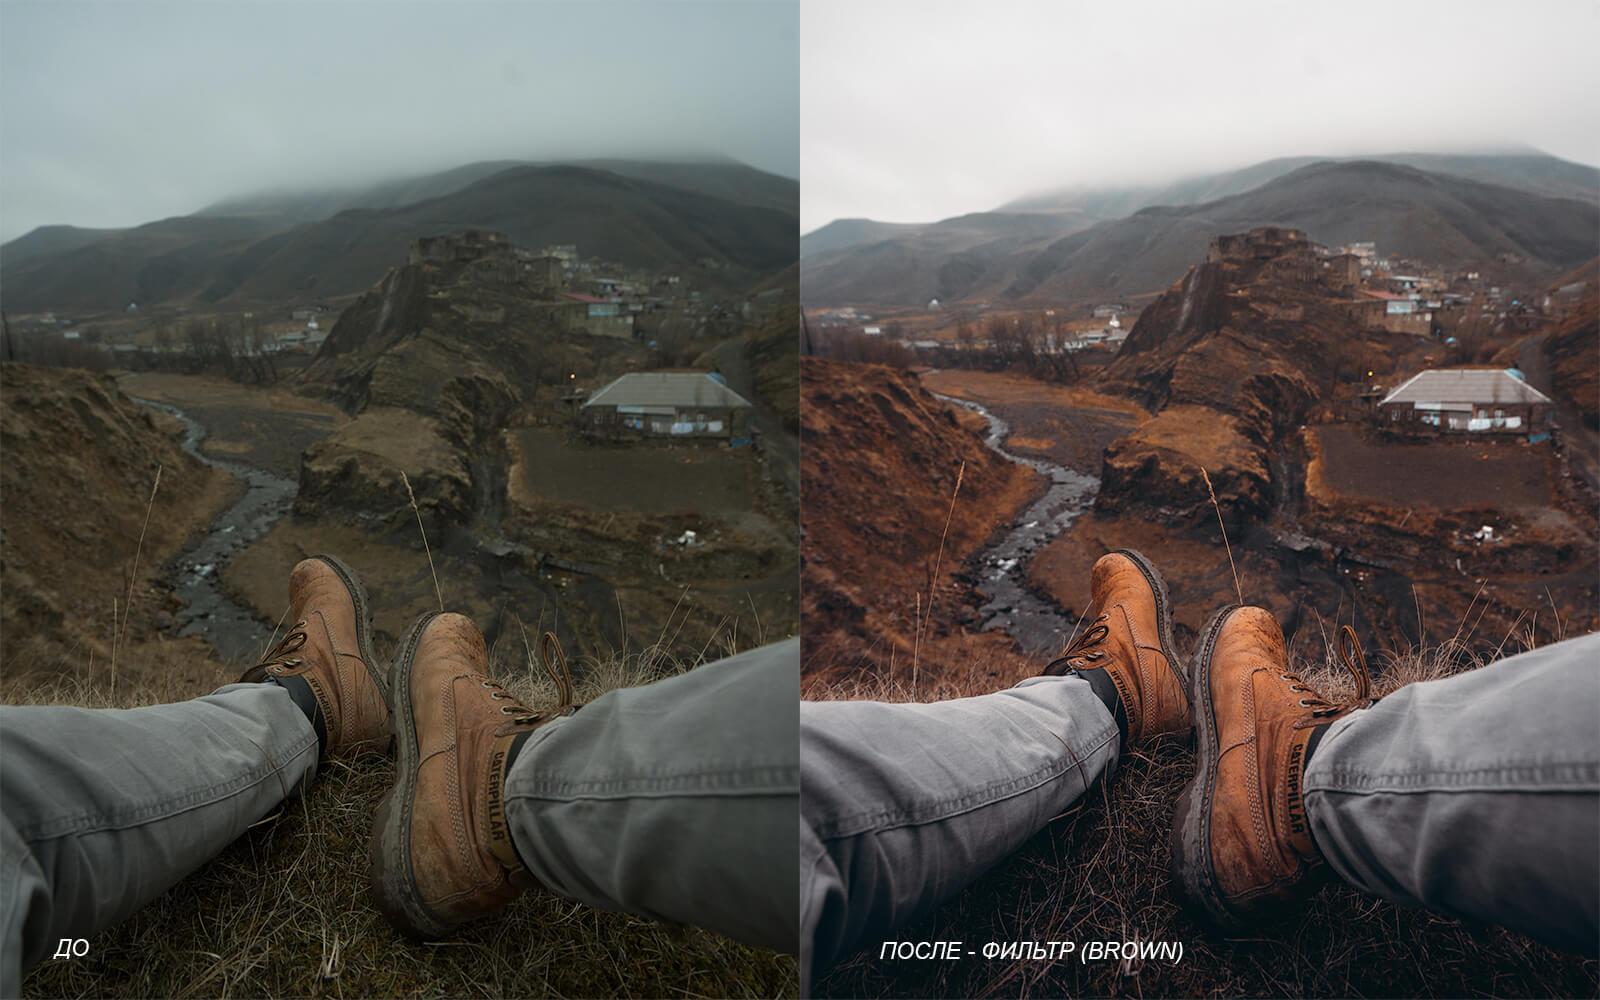 том, что самые часто используемые фильтры фотографий базовой технологии позволяют